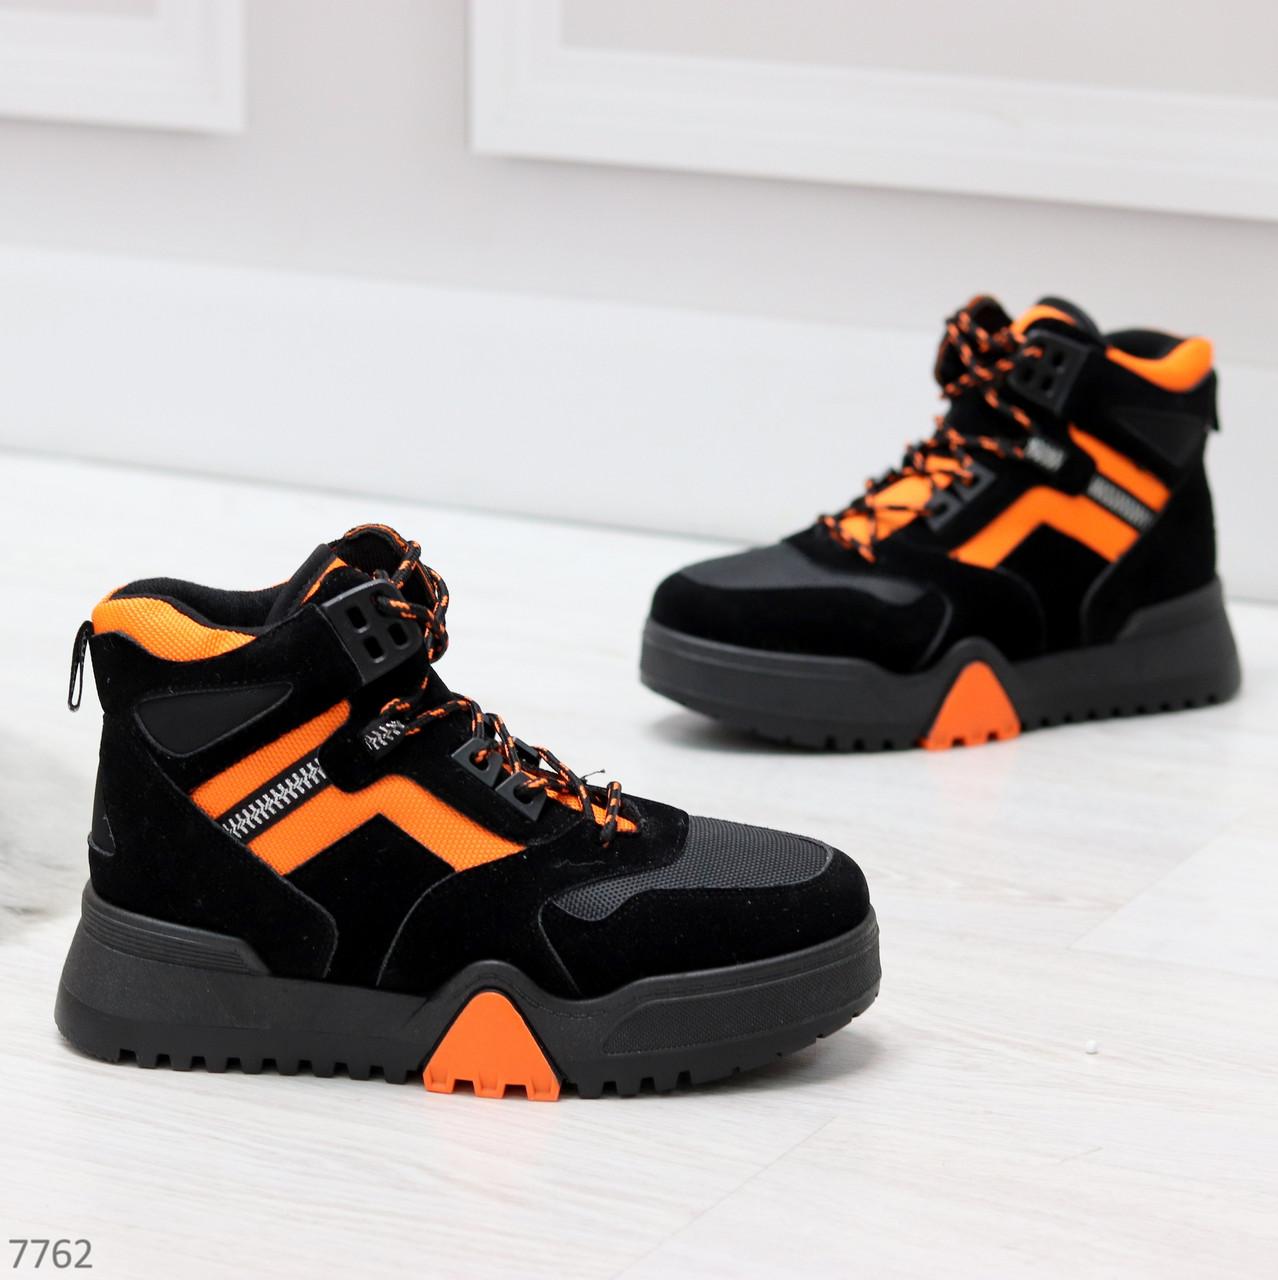 Яркие черные неоновые оранжевые зимние женские кроссовки сникерсы